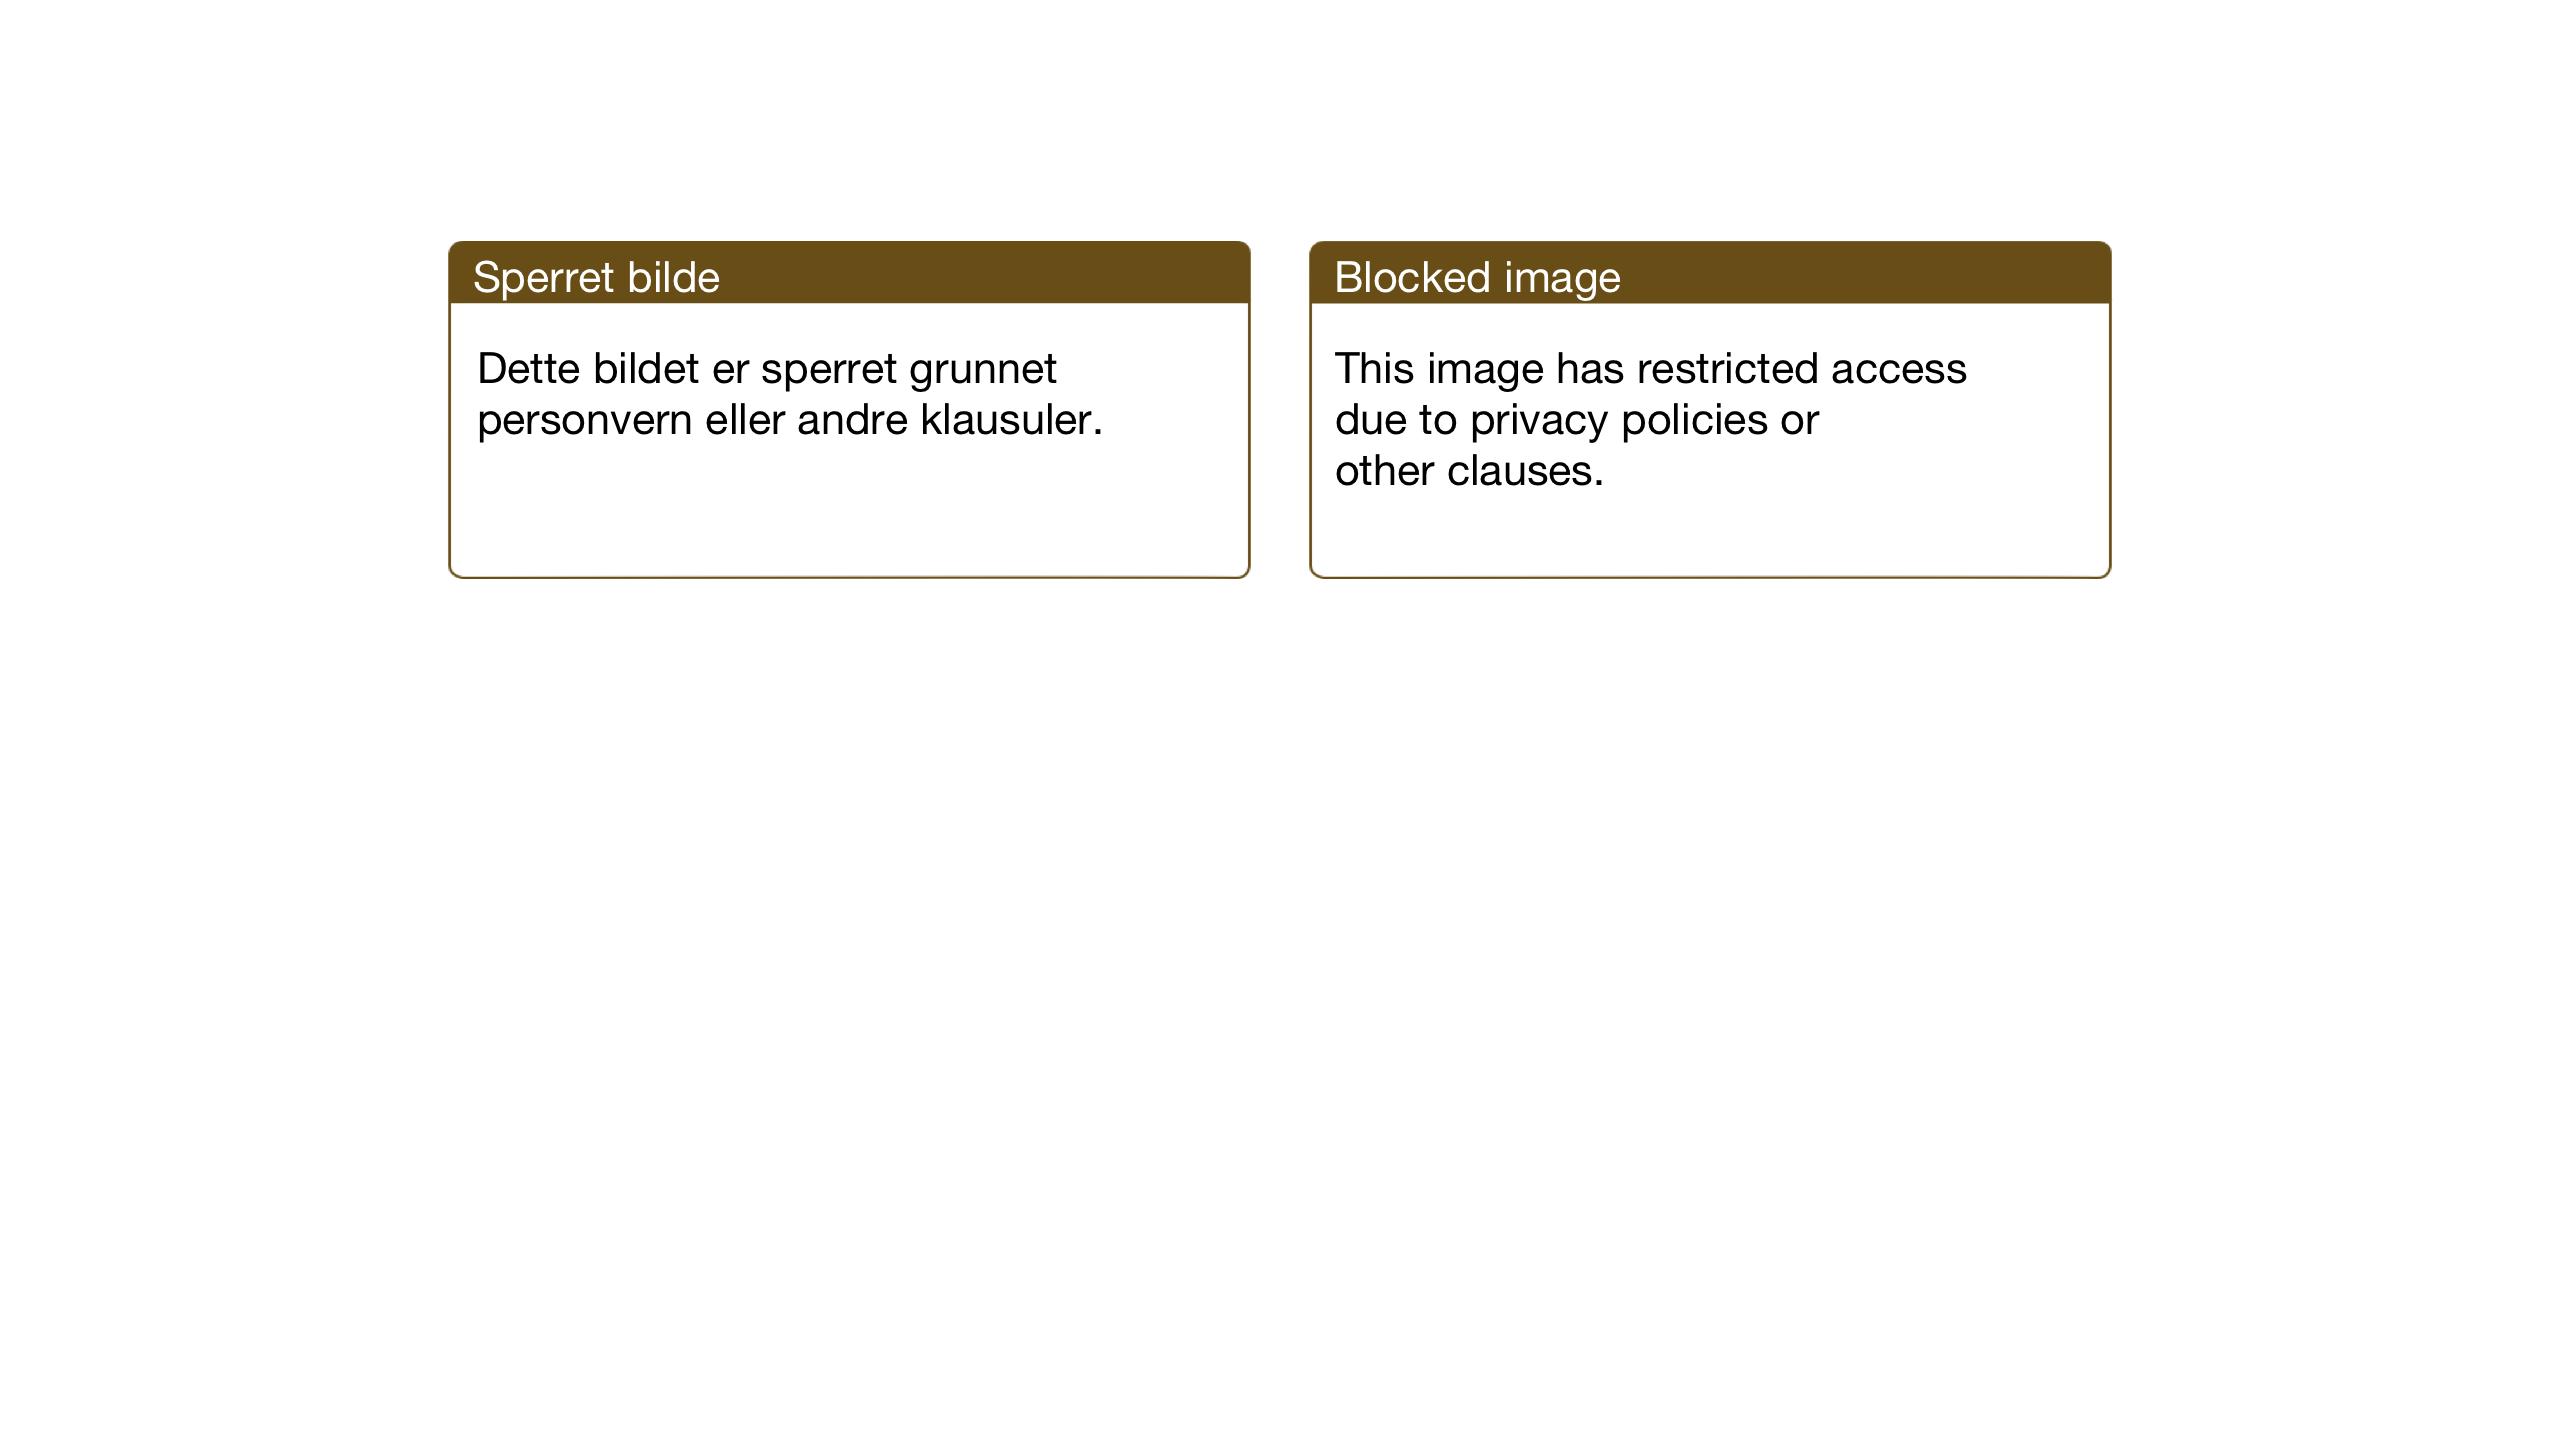 SAT, Ministerialprotokoller, klokkerbøker og fødselsregistre - Nord-Trøndelag, 746/L0456: Klokkerbok nr. 746C02, 1936-1948, s. 7